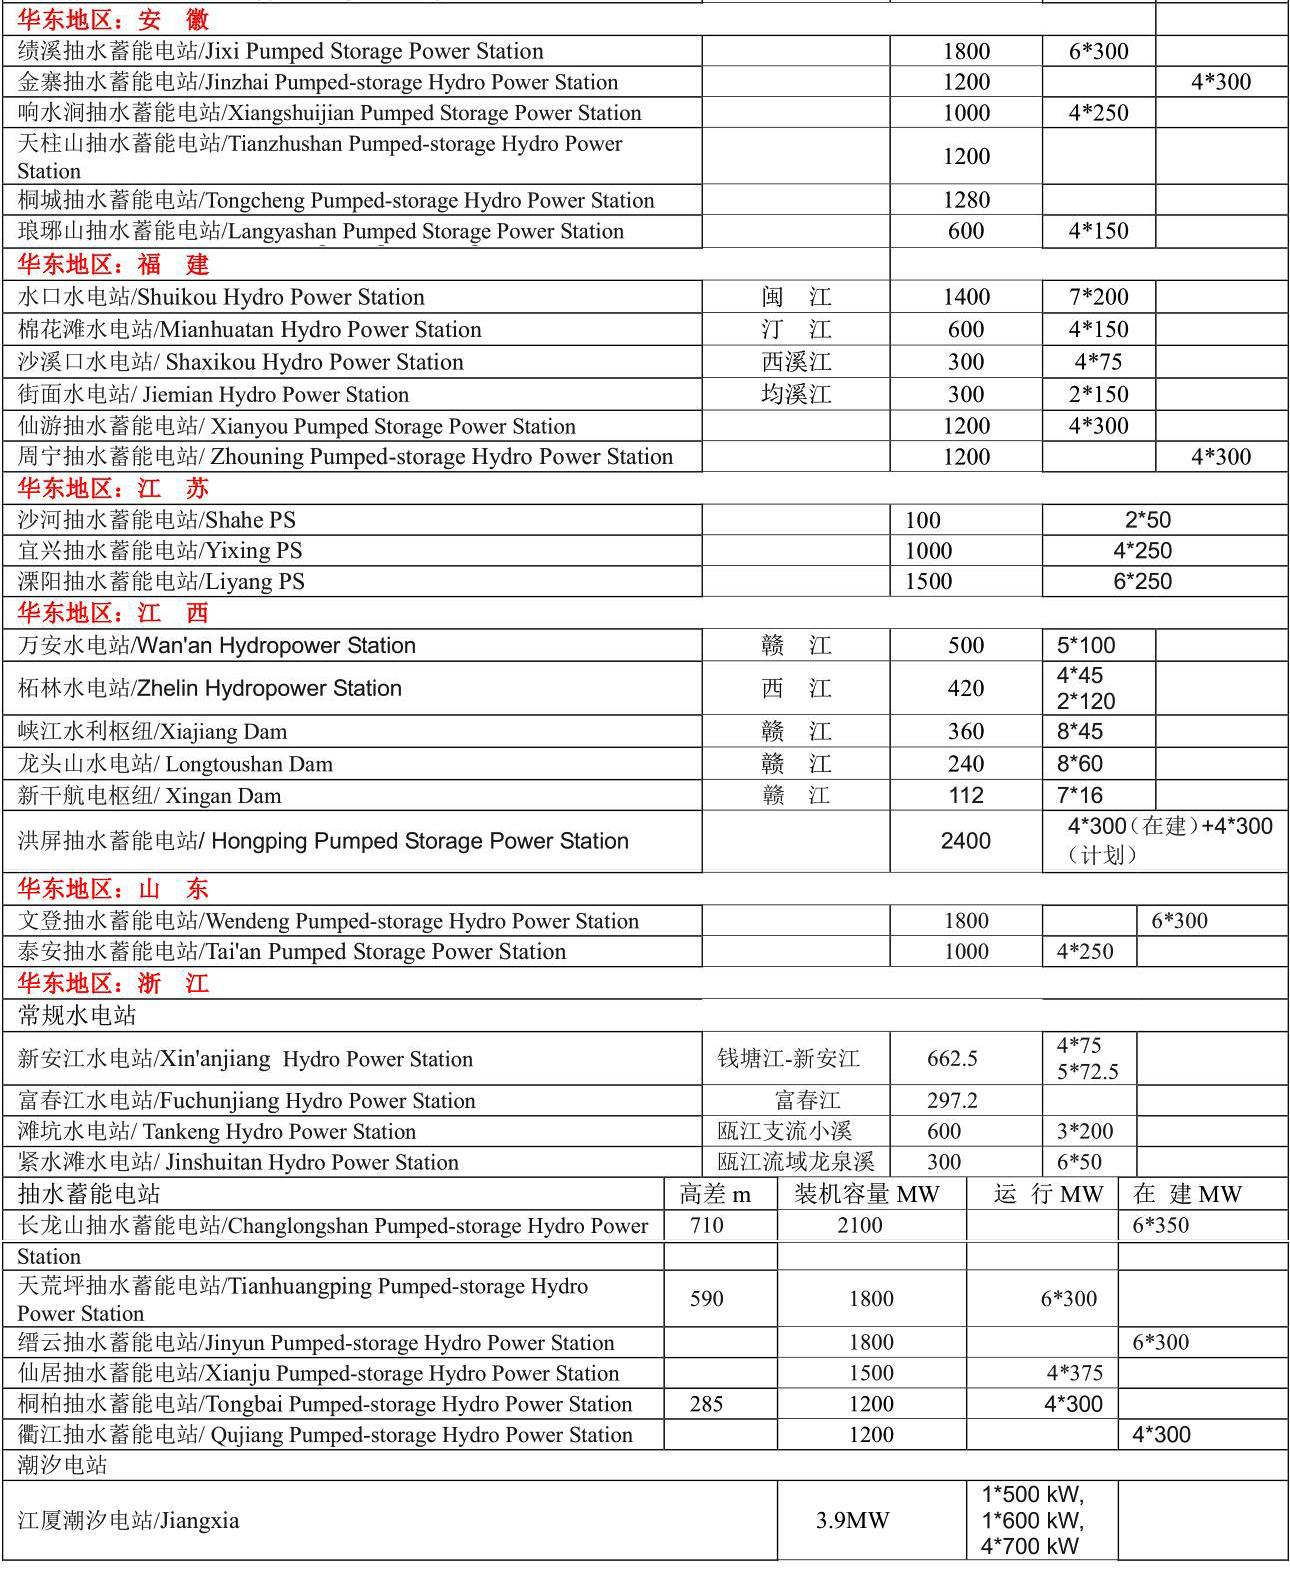 2021年中国水力发电报告